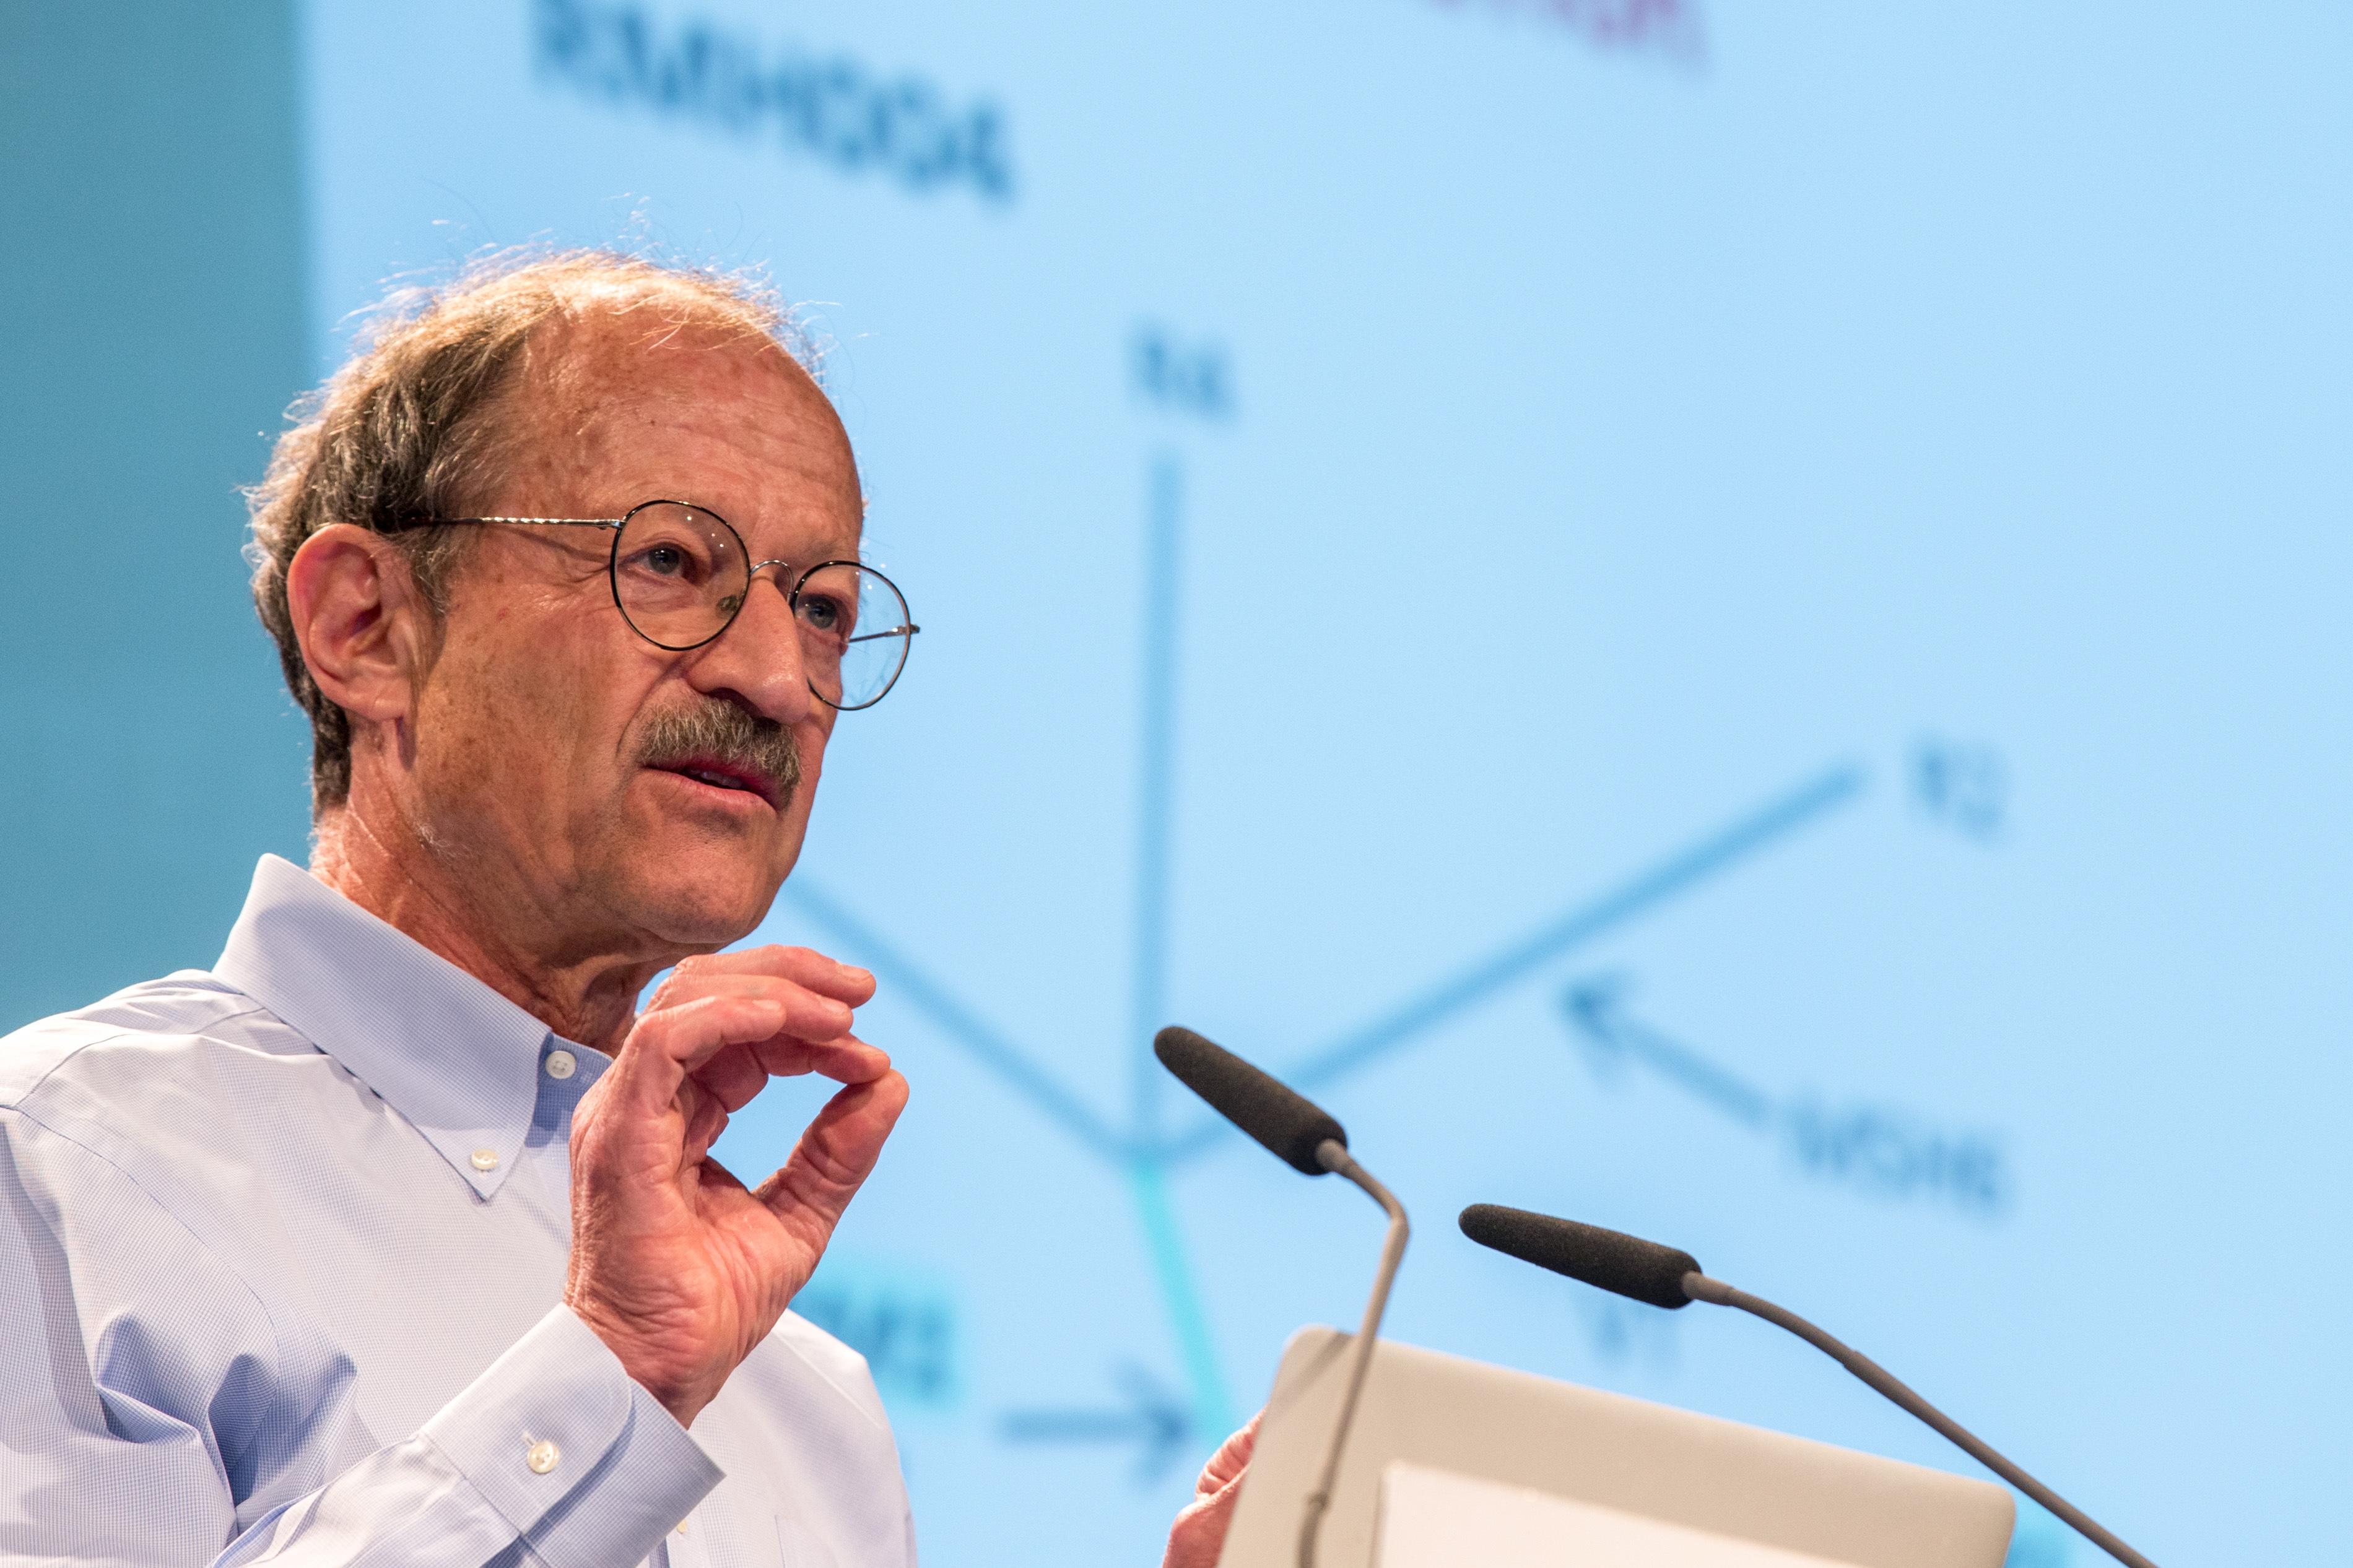 Varmus während seiner Lecture. Foto: Ch. Flemming/Lindau Nobel Laureate Meetings.